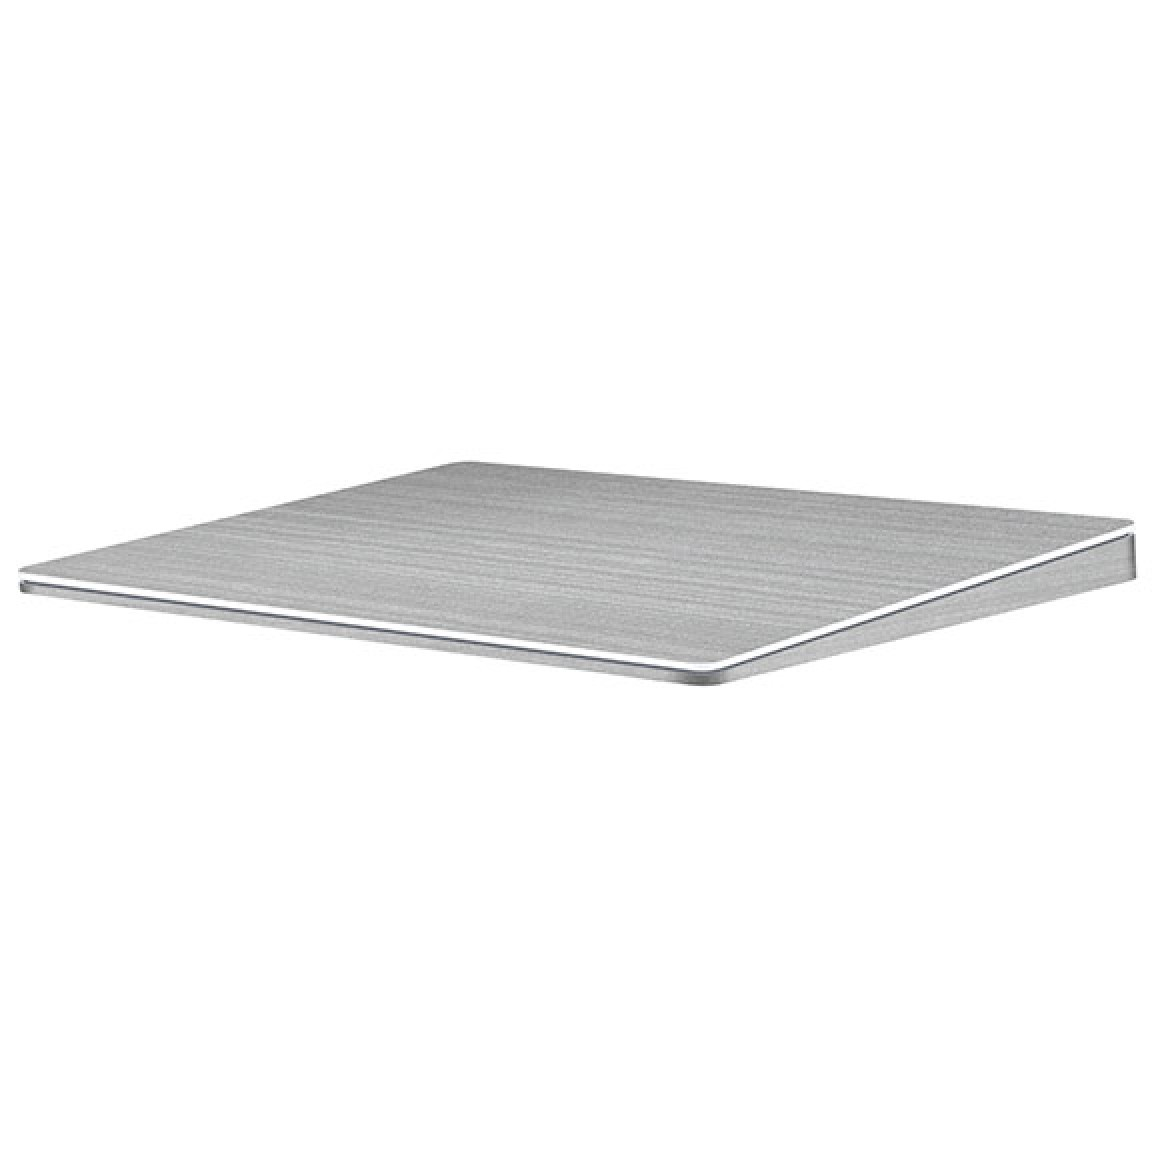 Adesivo Estampa Aço Escovado Para Magic Trackpad 2 2015 A1535